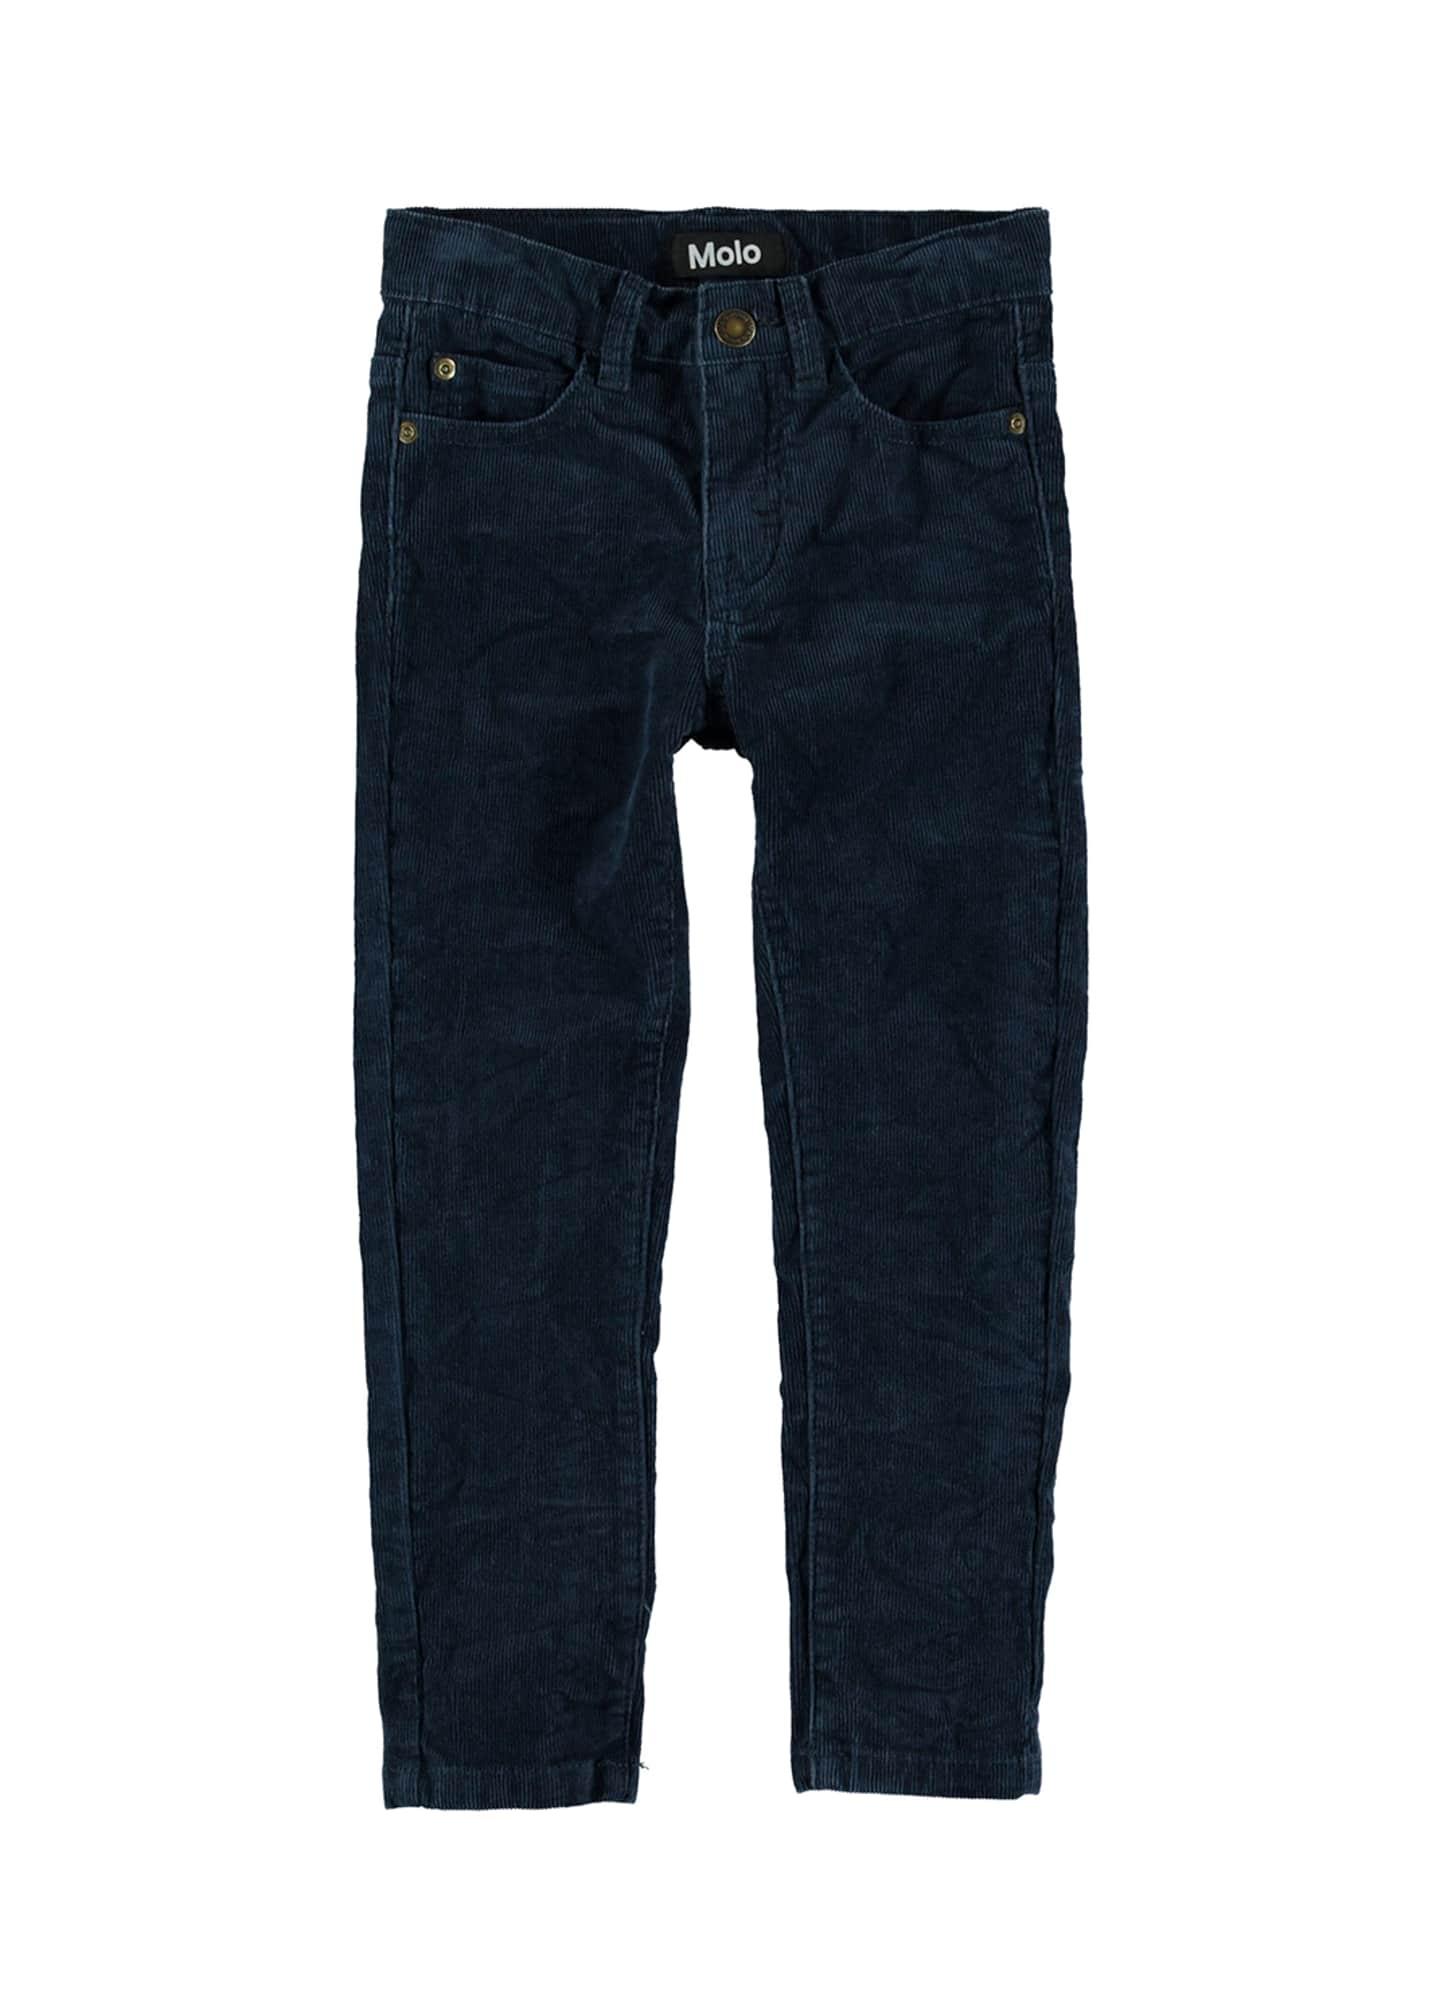 Molo Boy's Anton Corduroy Pants, Size 4-12